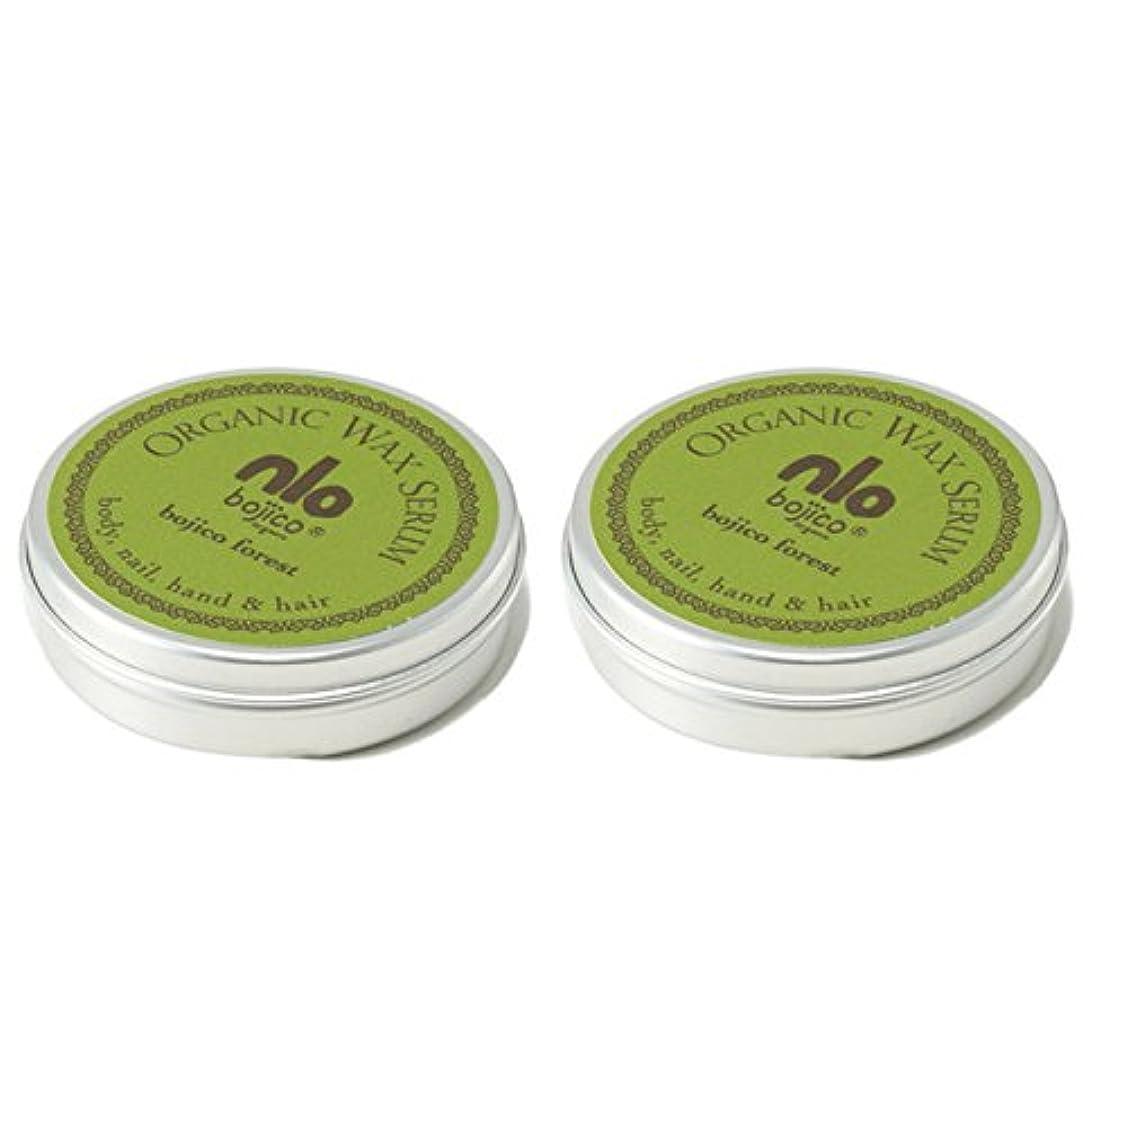 ストレスでもお風呂を持っている【40g×2個セット】 ボジコ オーガニック ワックス セラム <フォレスト> bojico Organic Wax Serum 40g×2